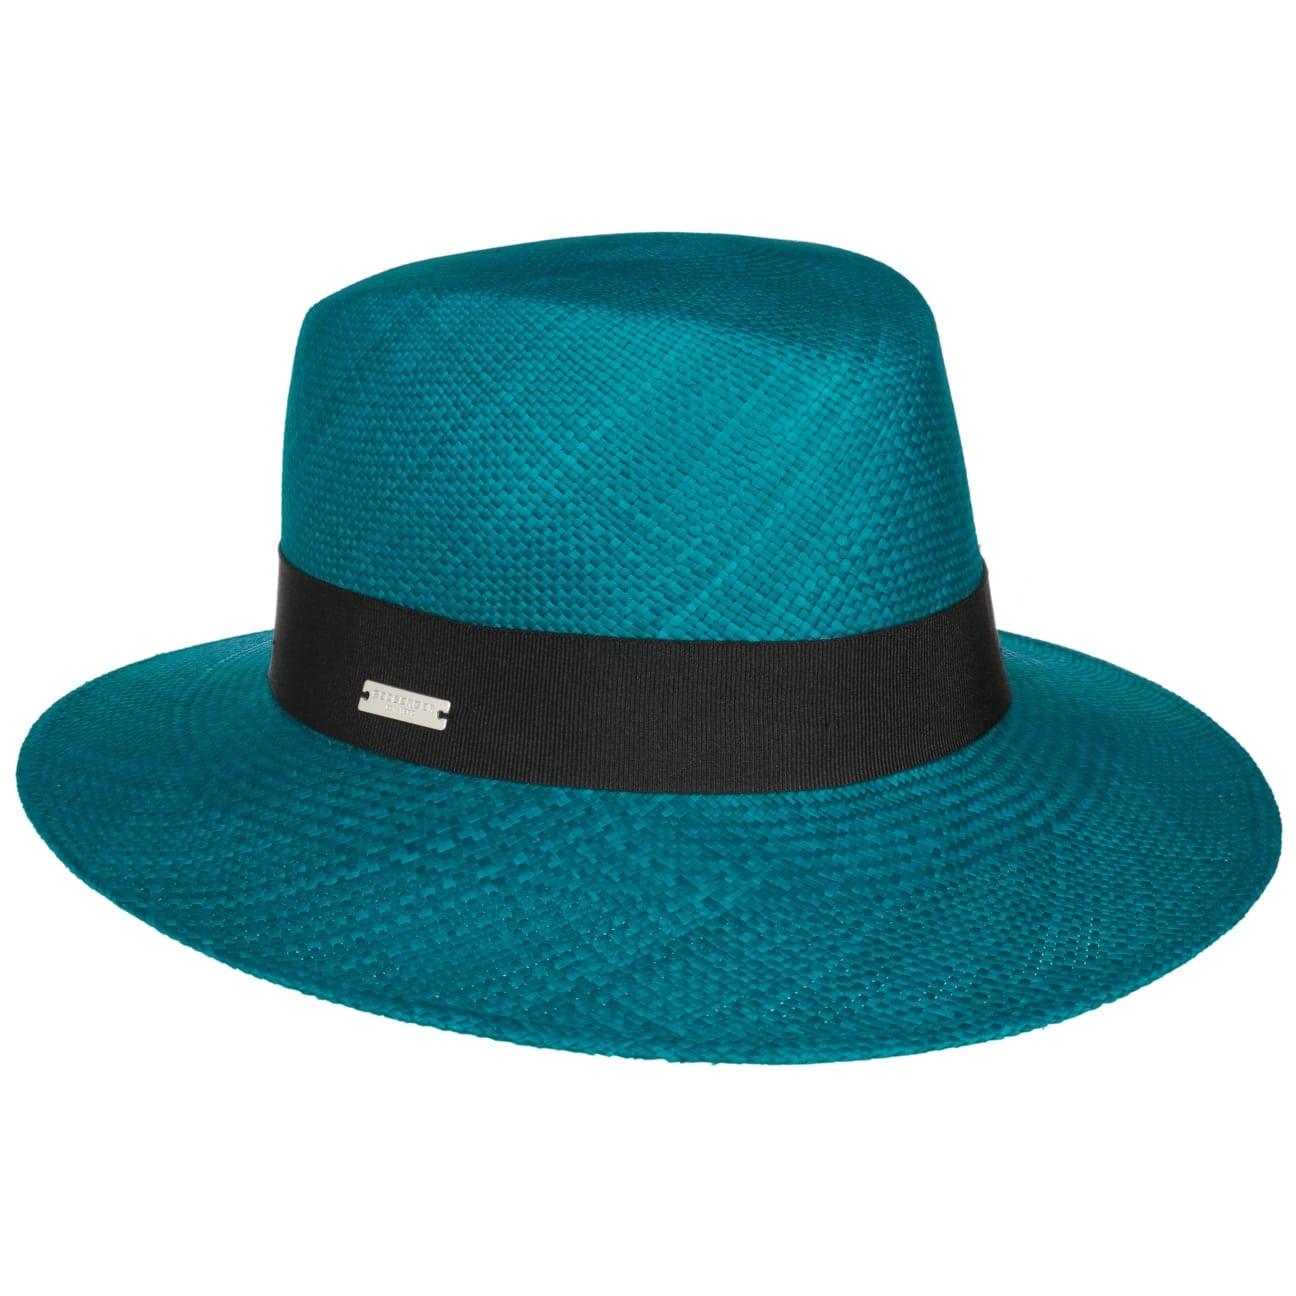 Chapeau pour Femme Panama Bogart by Seeberger  chapeau en paille